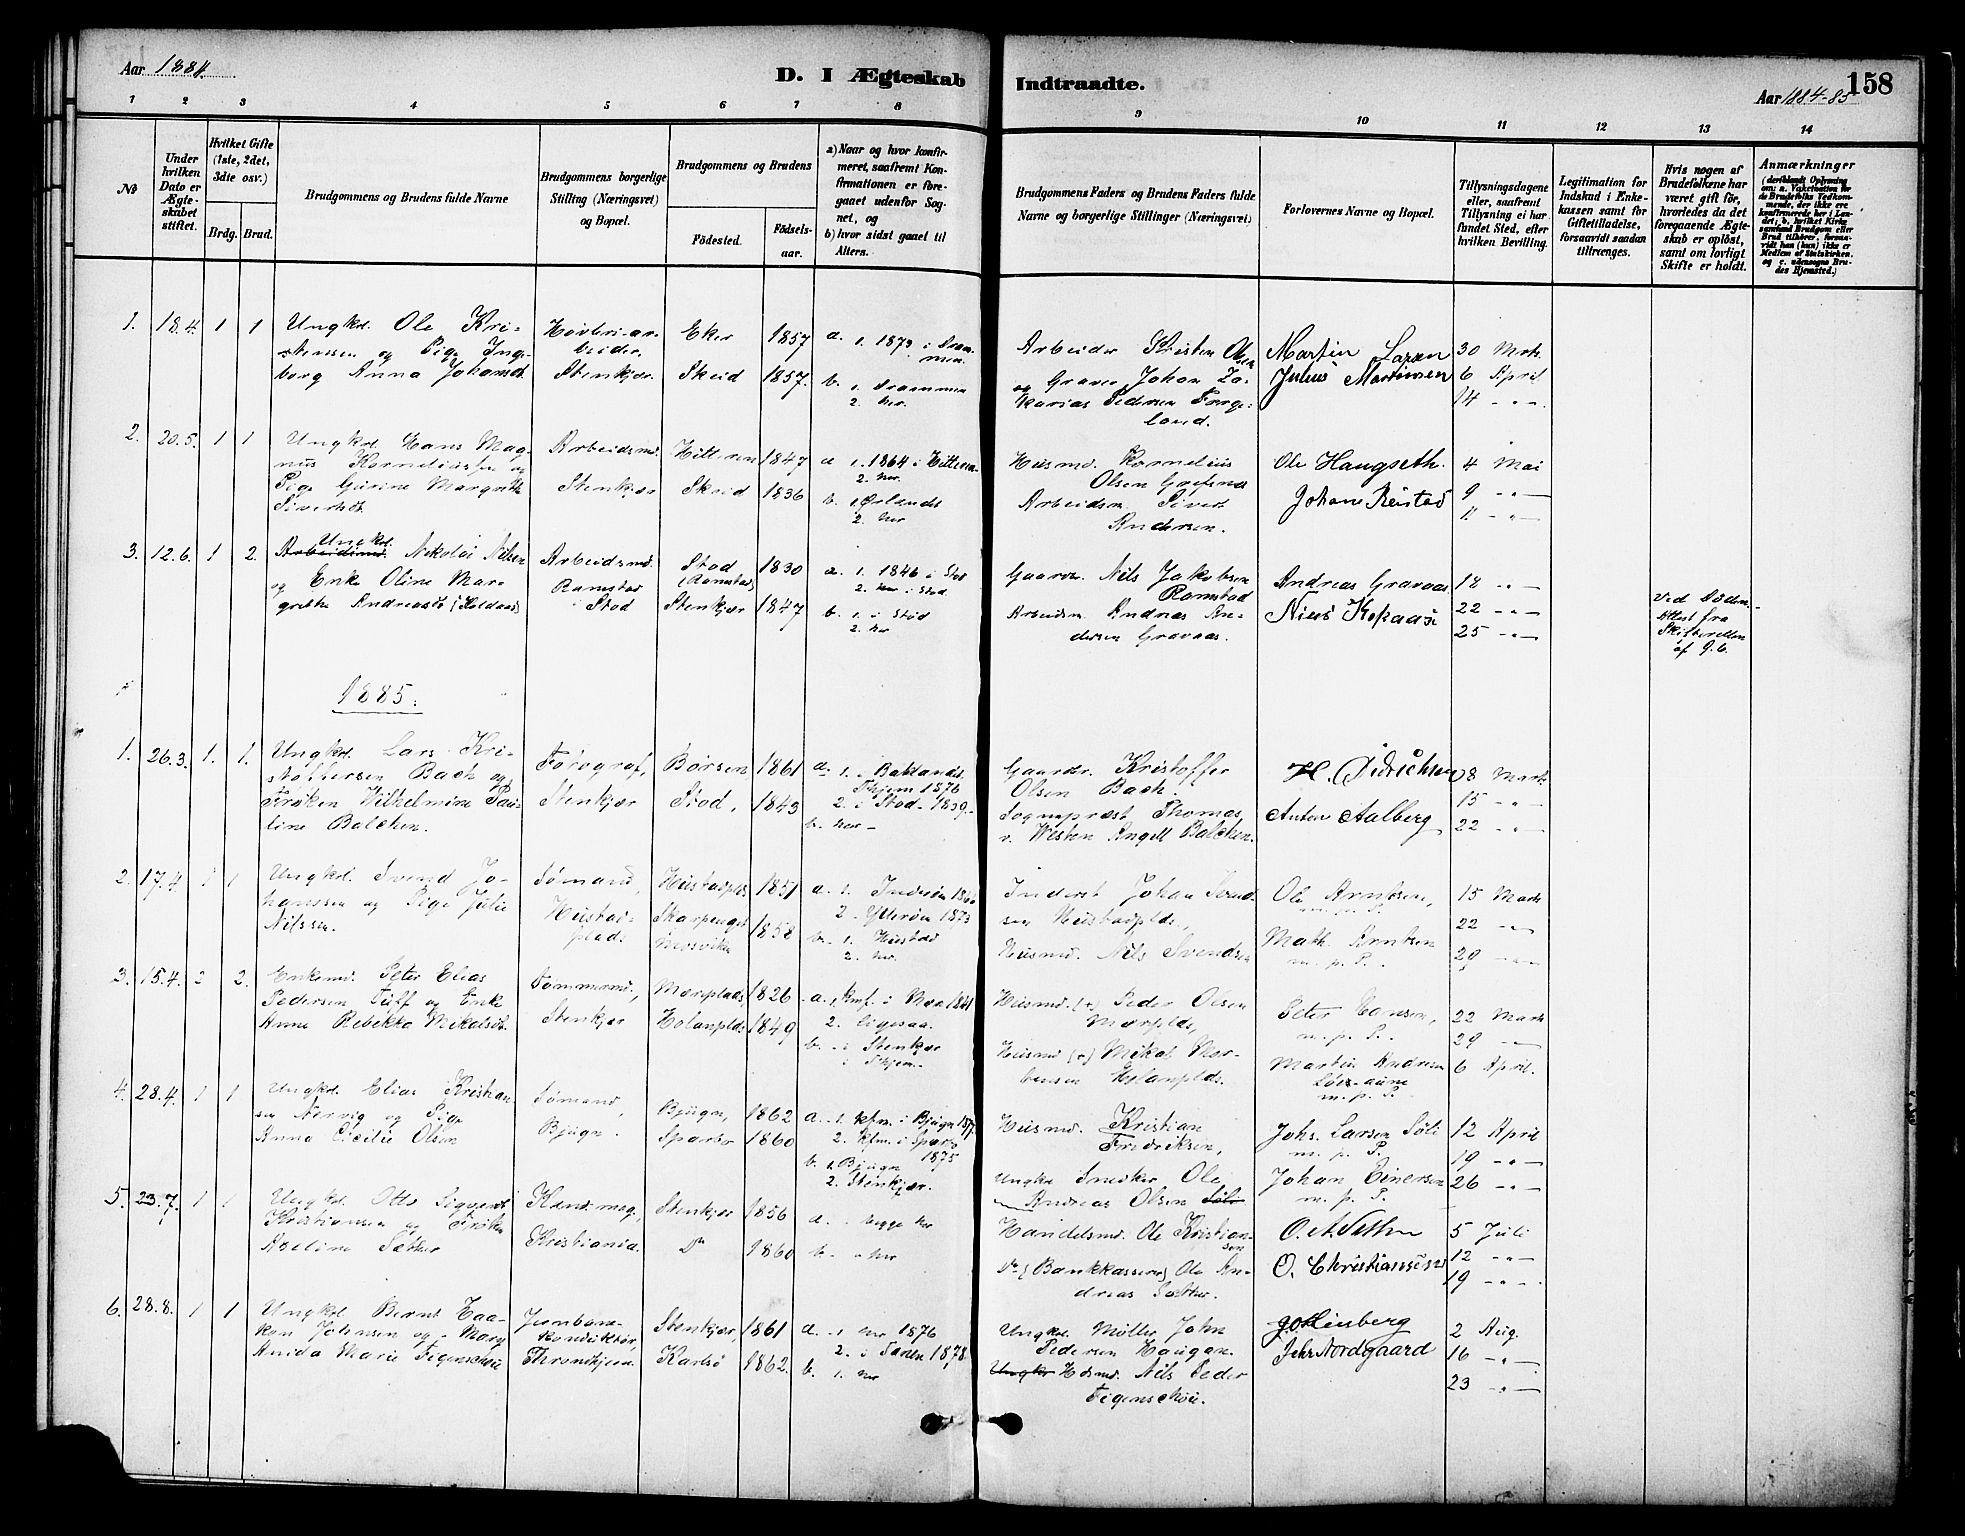 SAT, Ministerialprotokoller, klokkerbøker og fødselsregistre - Nord-Trøndelag, 739/L0371: Ministerialbok nr. 739A03, 1881-1895, s. 158